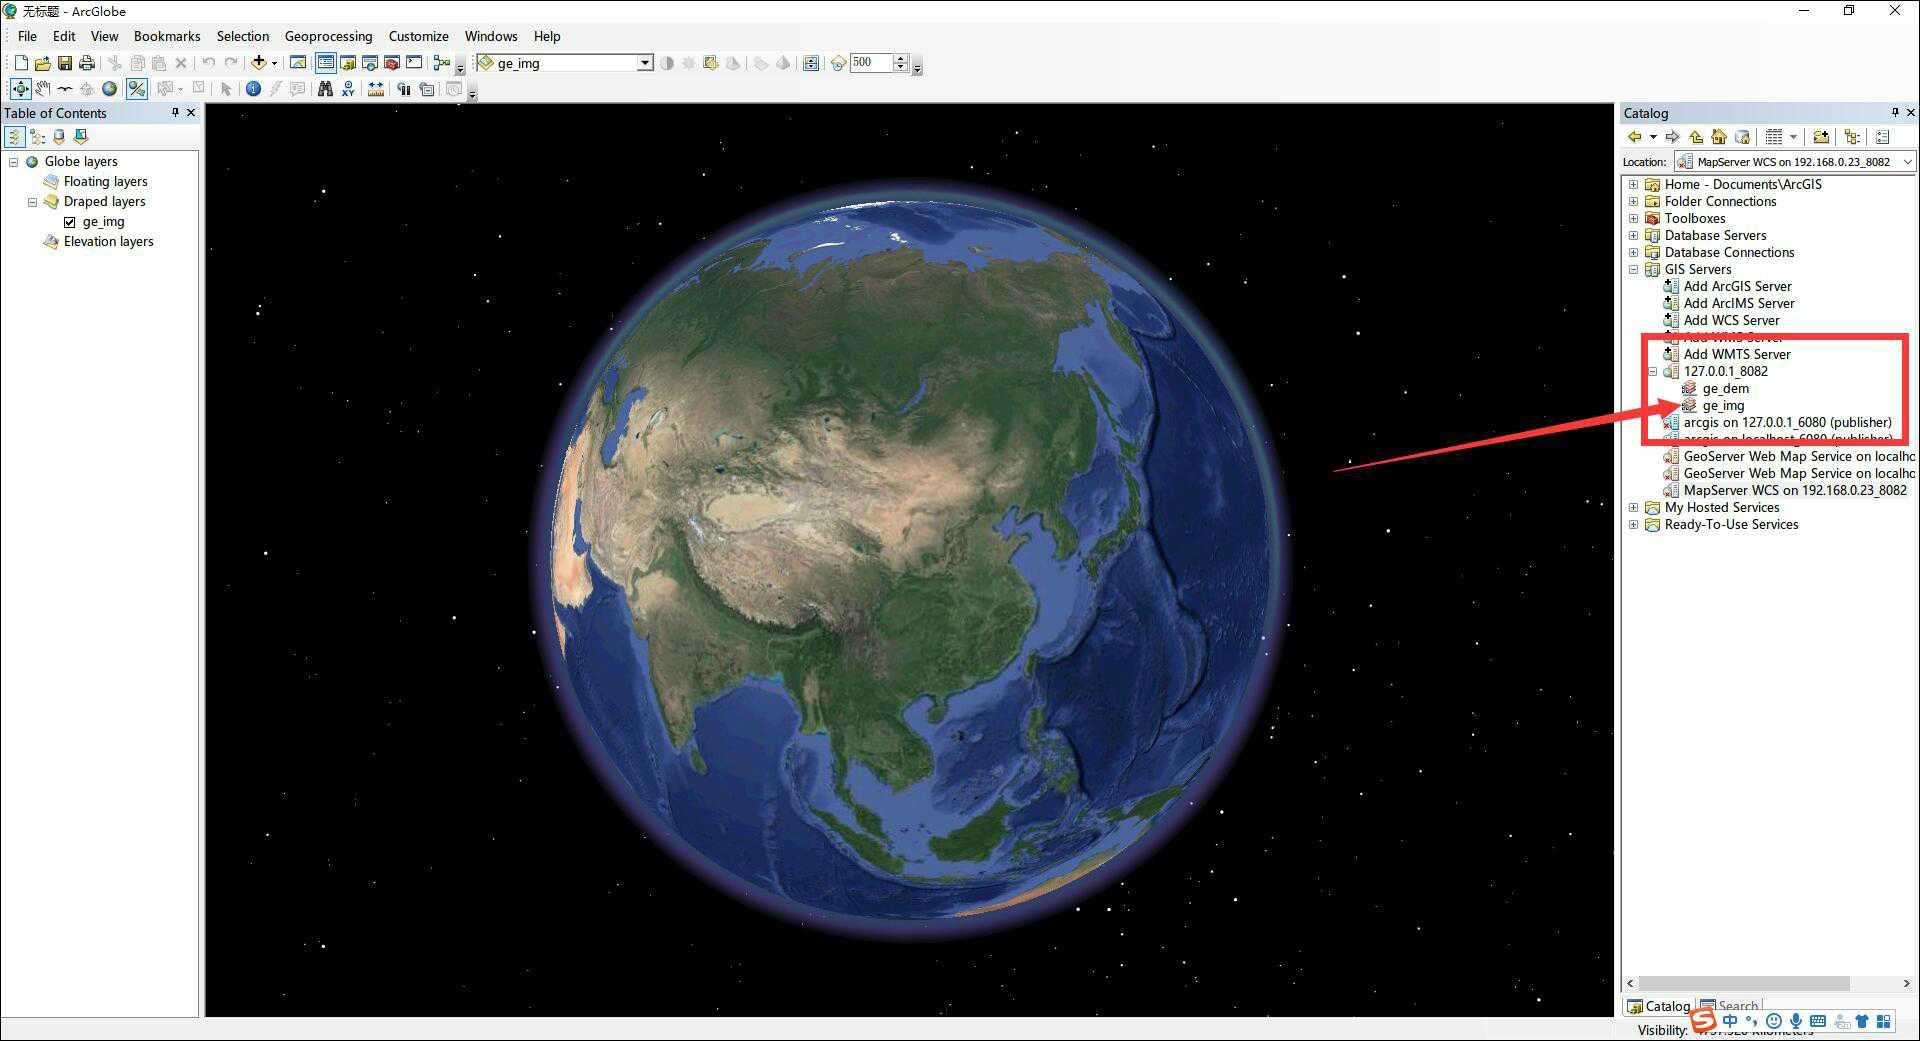 19ArcGlobal 中WMTS加载效果.jpg